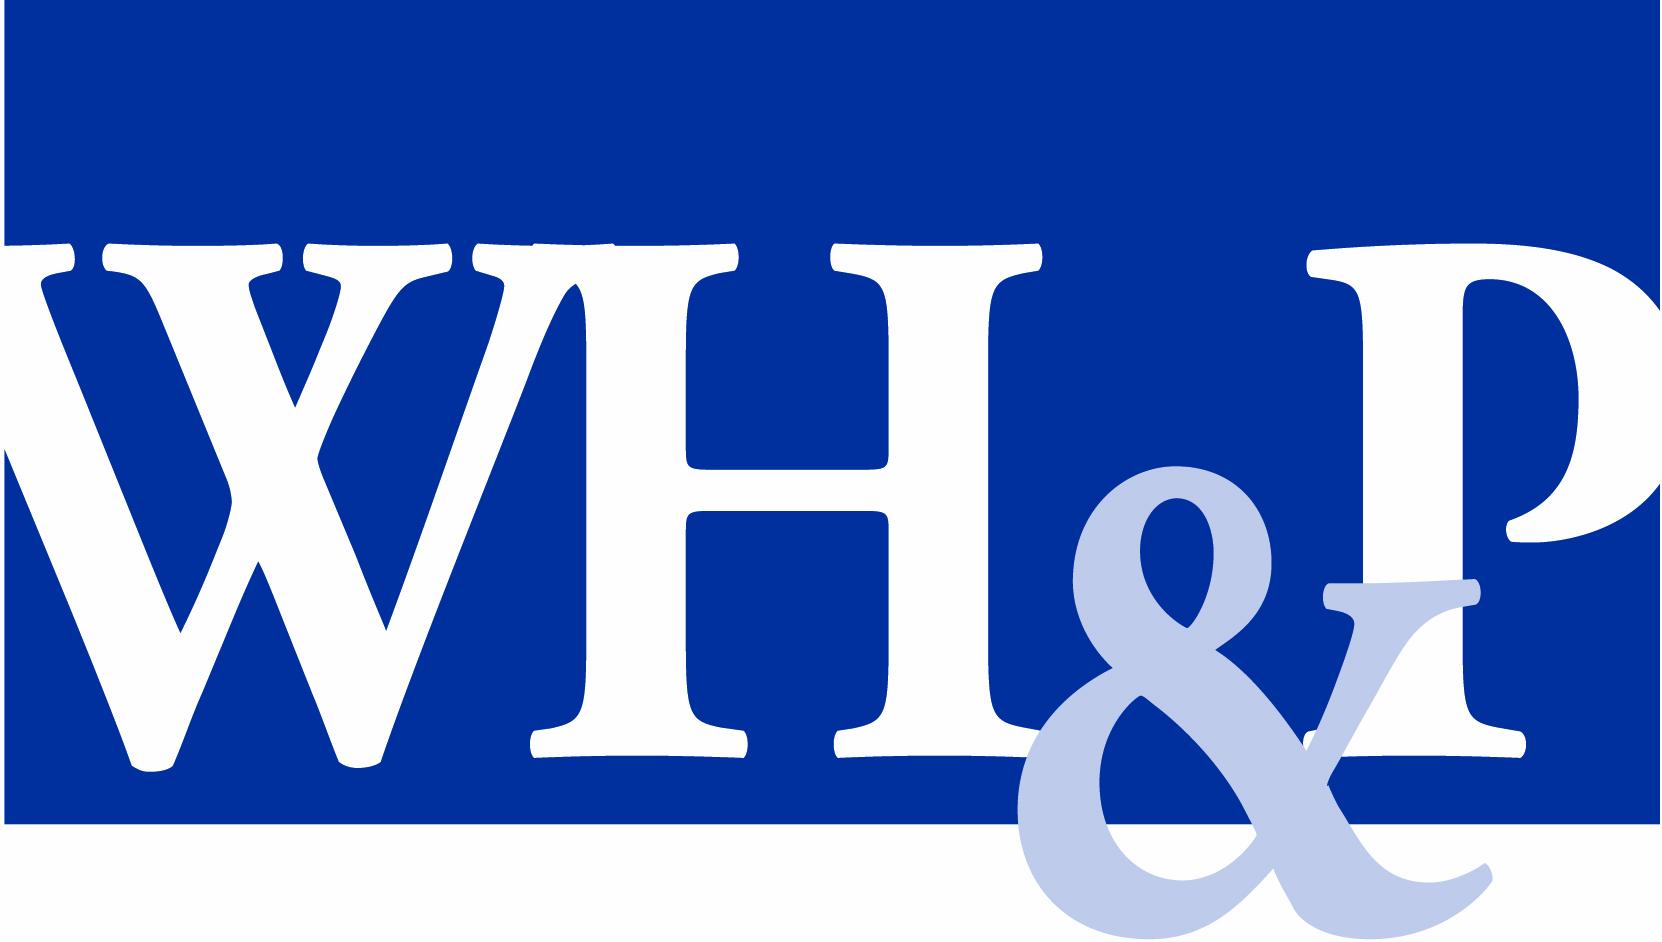 Weibel, Hess und Partner AG, Stans